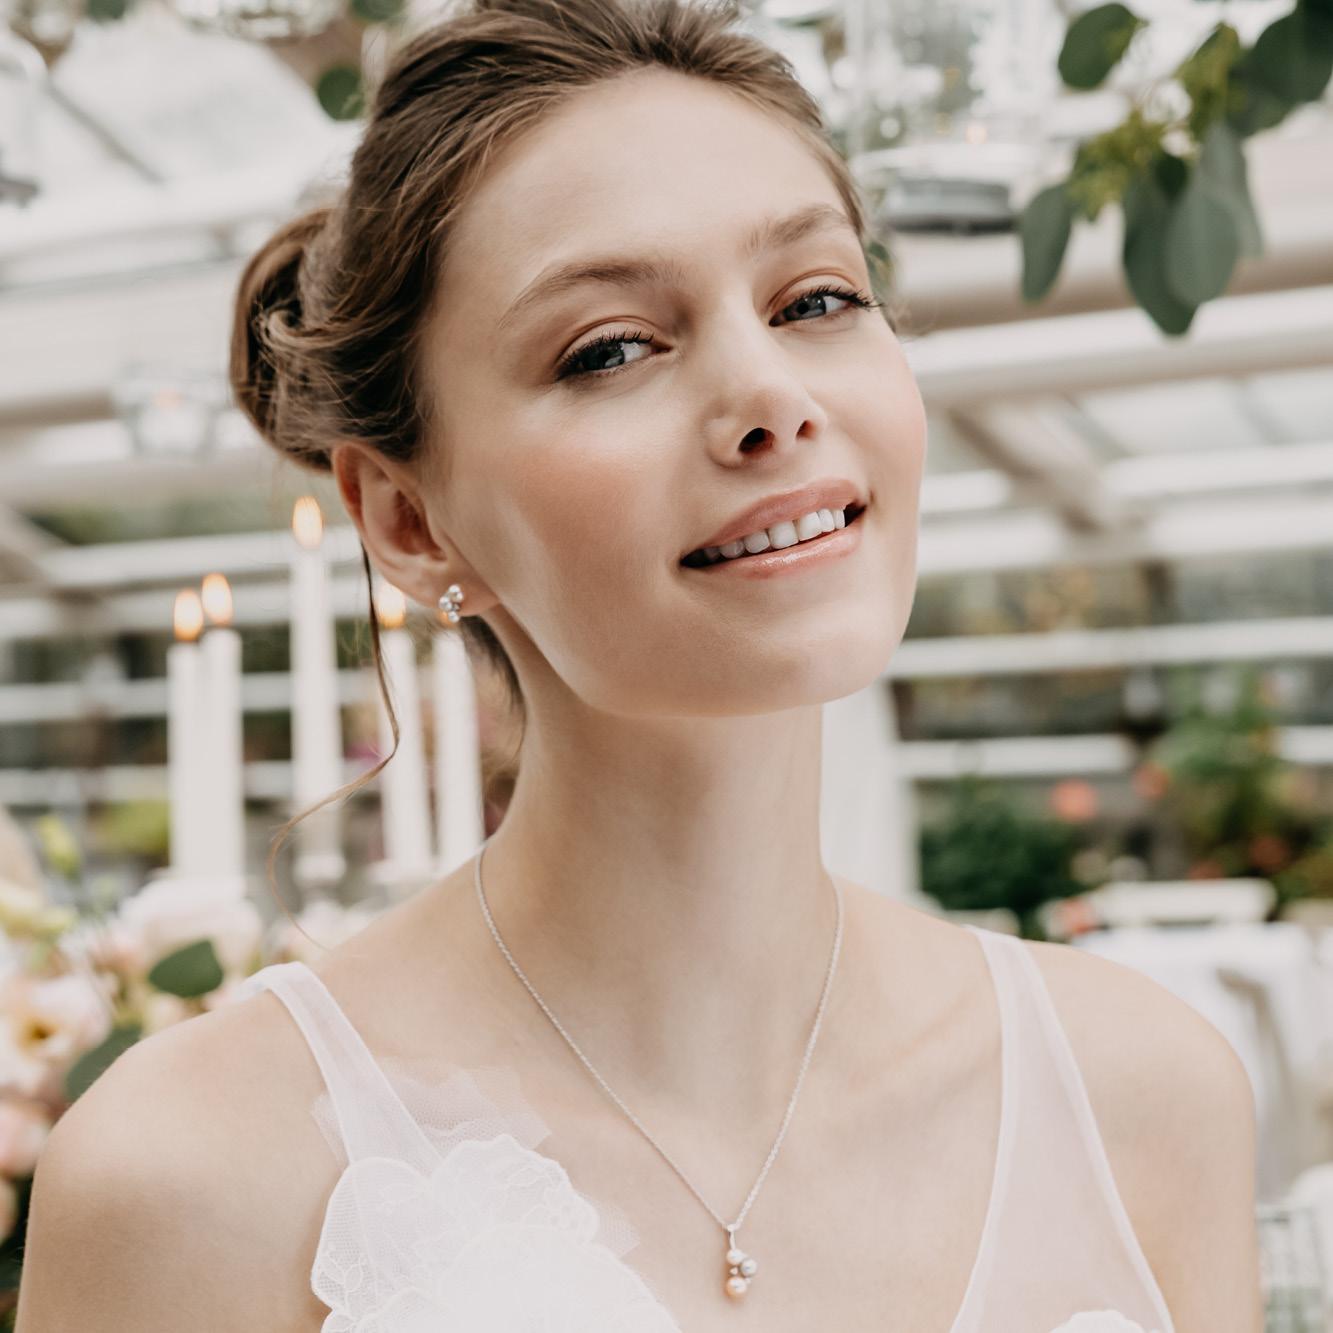 Damen Halskette Silber 925 Zuchtperlen Zirkonia